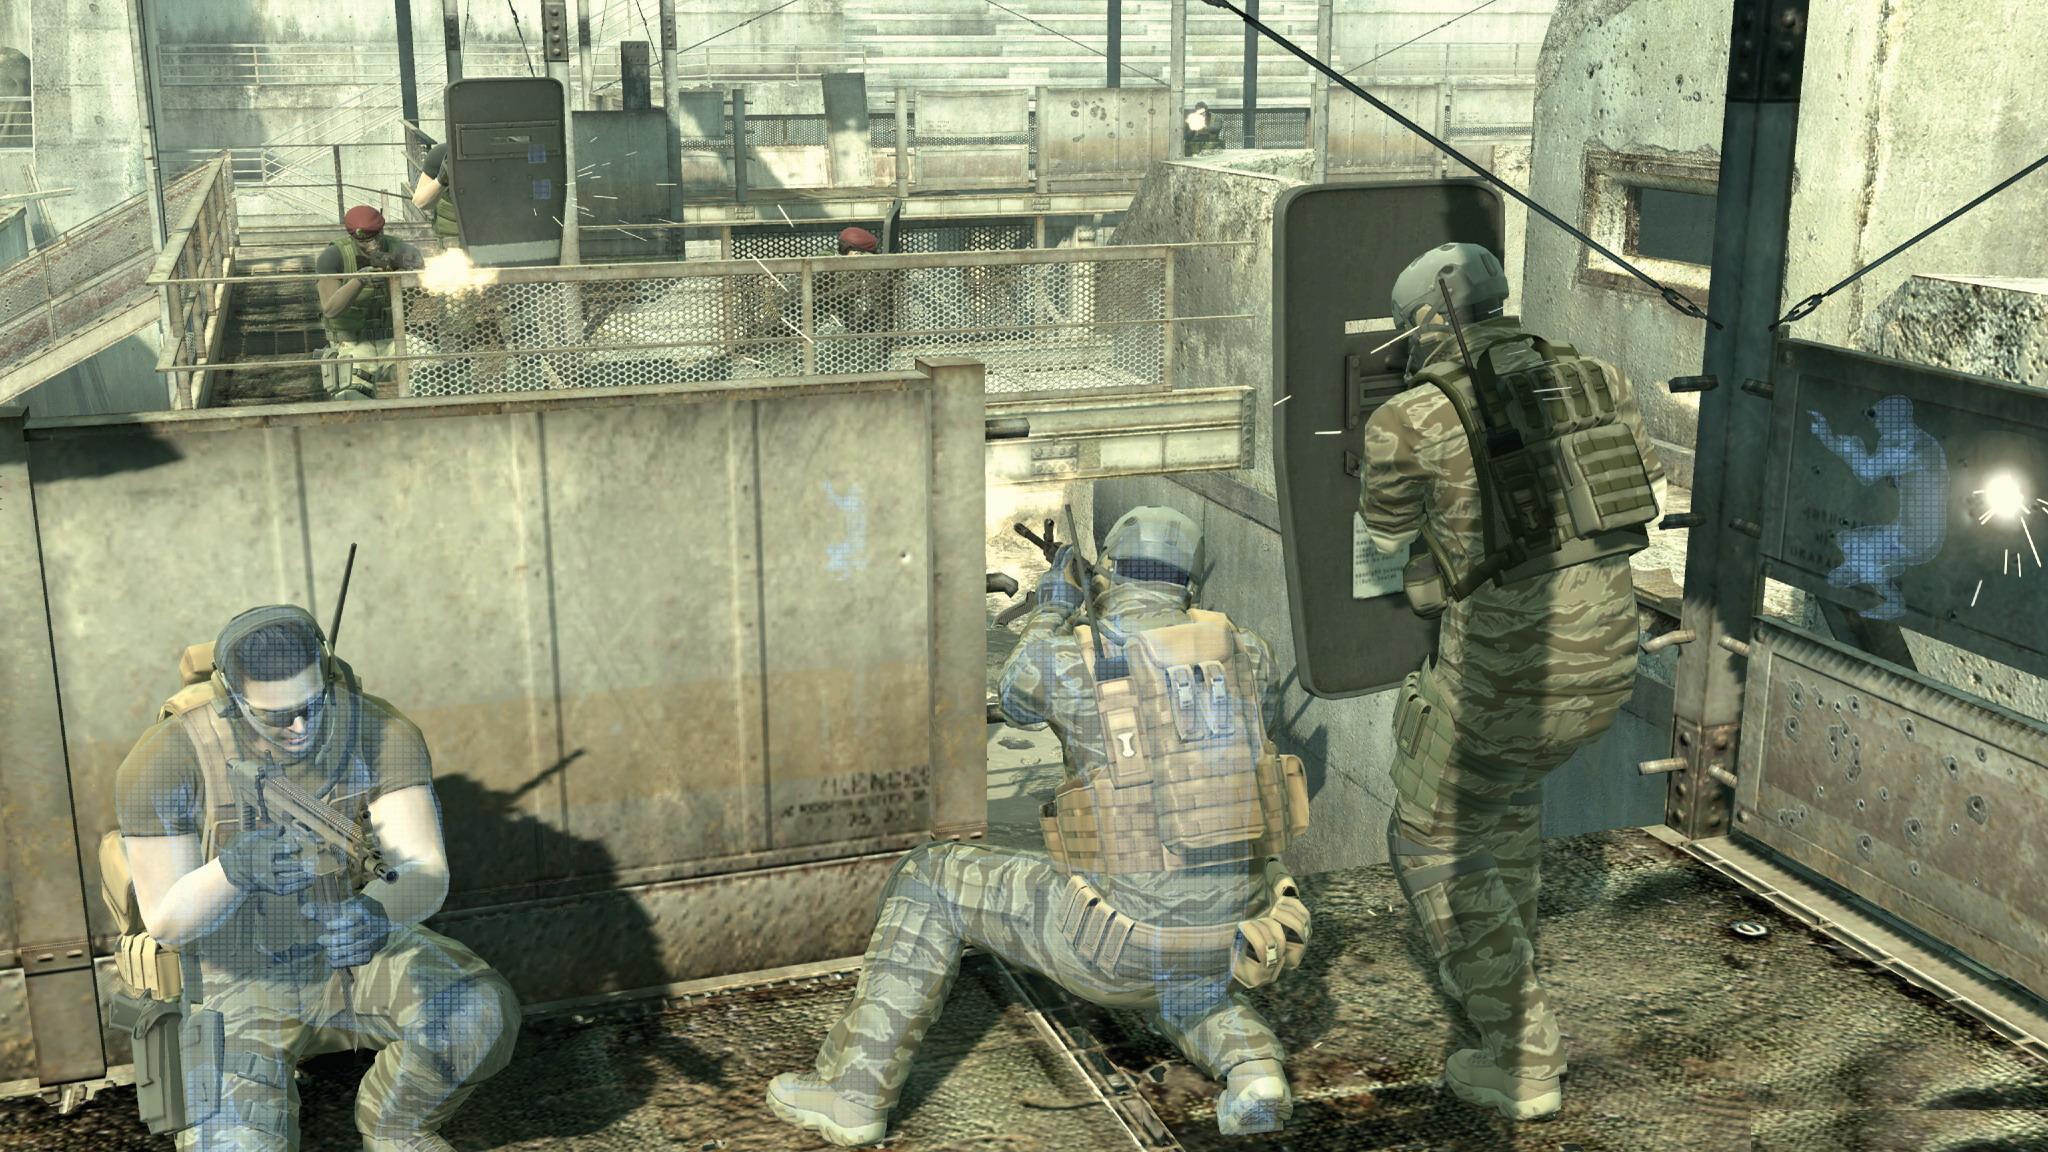 Выступая на Eurogamer Expo, Кодзима сообщил, что ищет талантливых